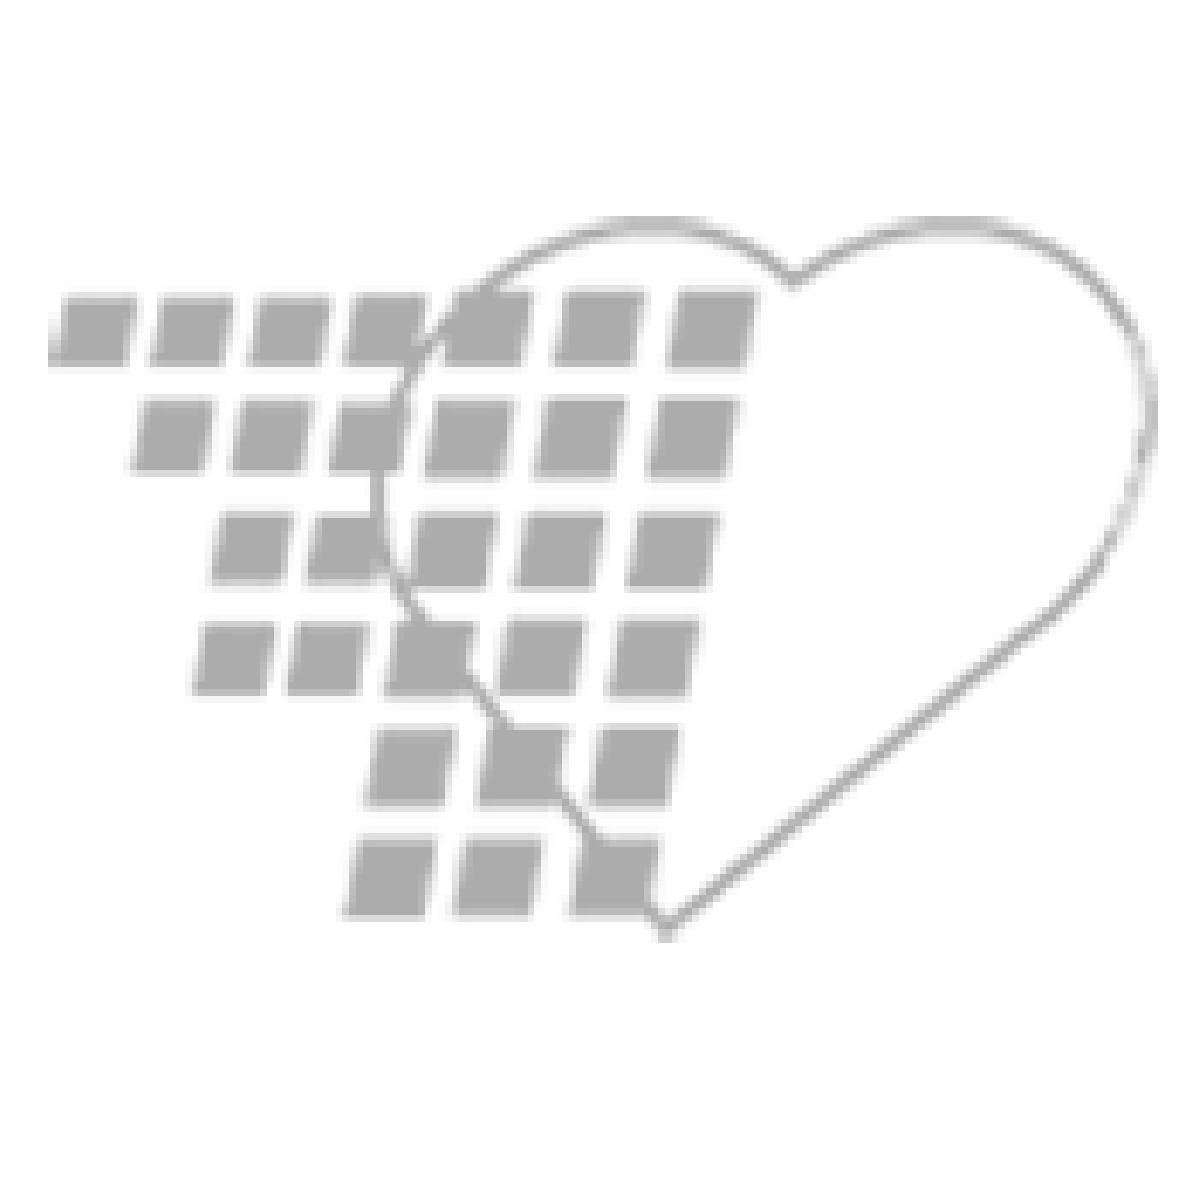 02-62-1014 LW Scientific Analog Incubator